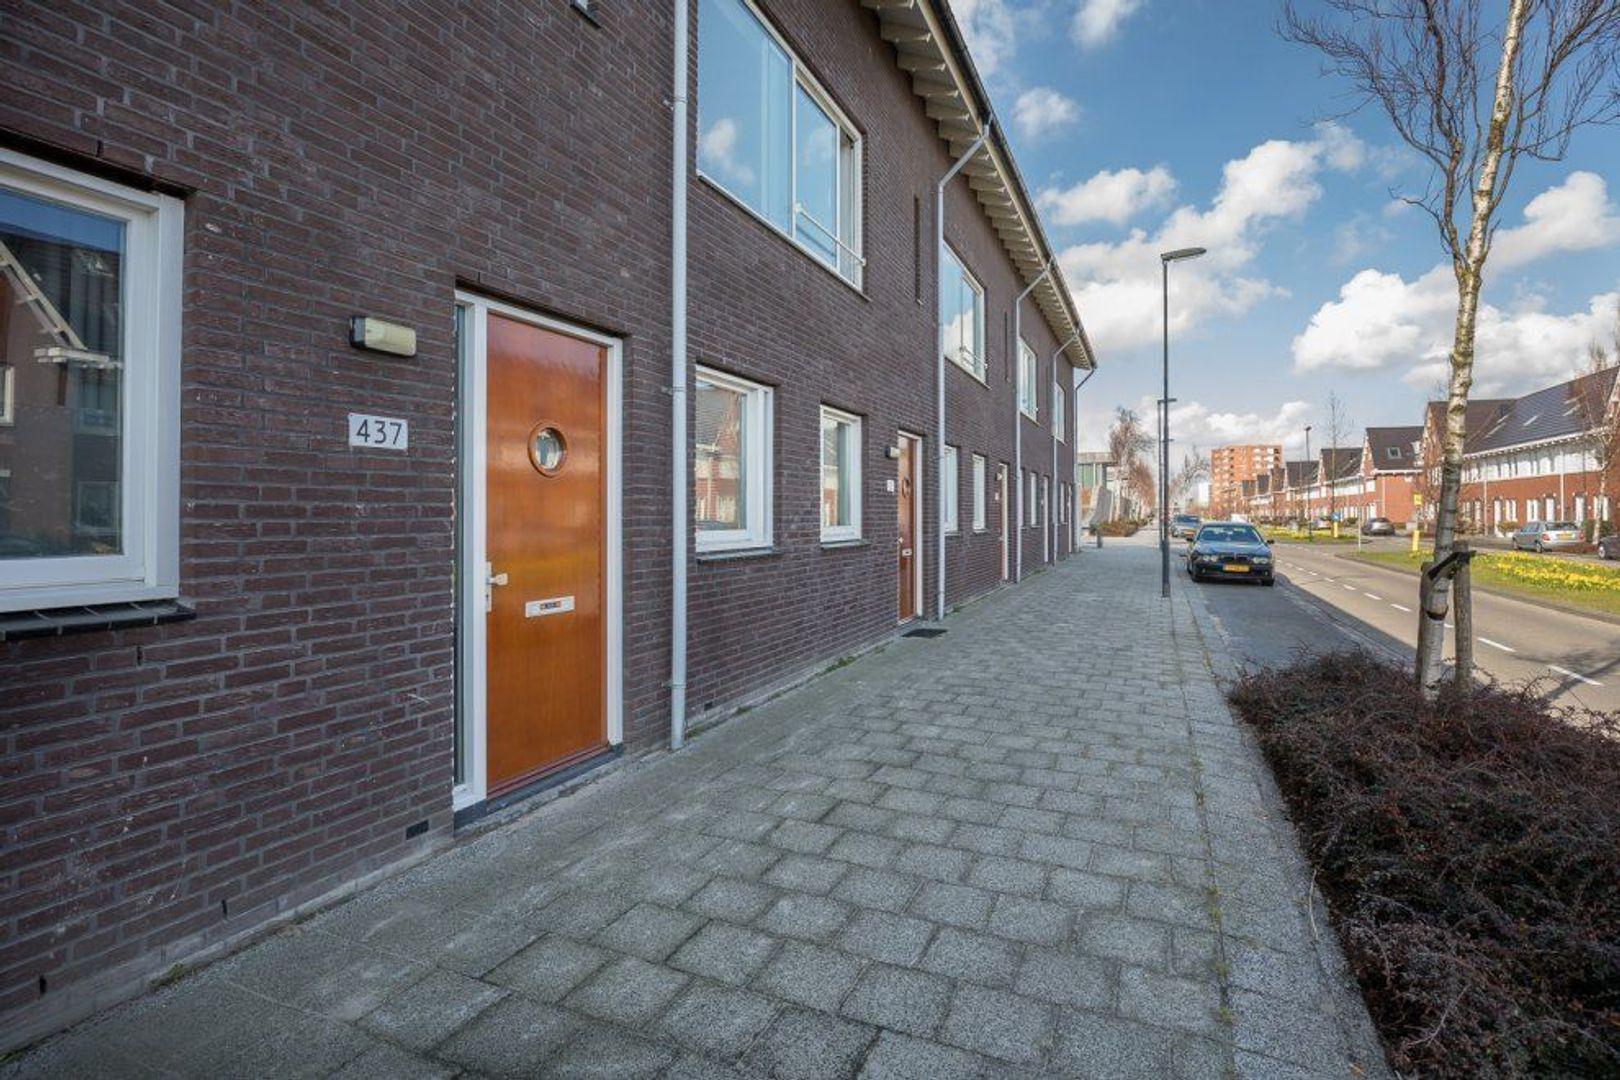 Javalaan 437, Zoetermeer foto-15